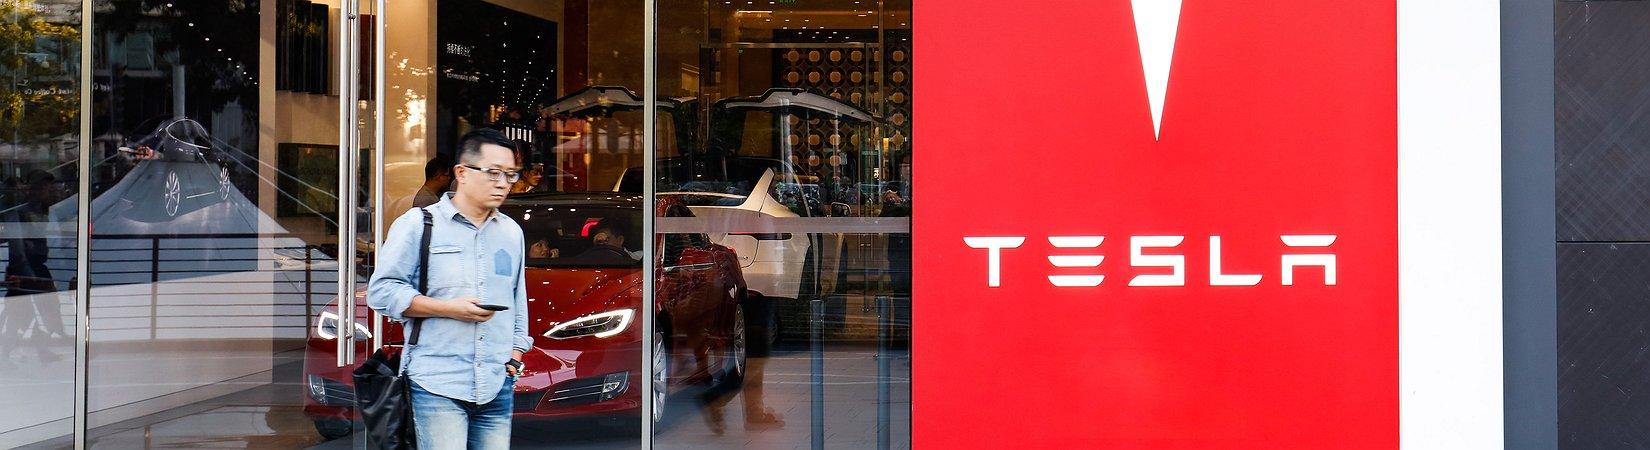 Tesla договорилась о строительстве завода в Китае